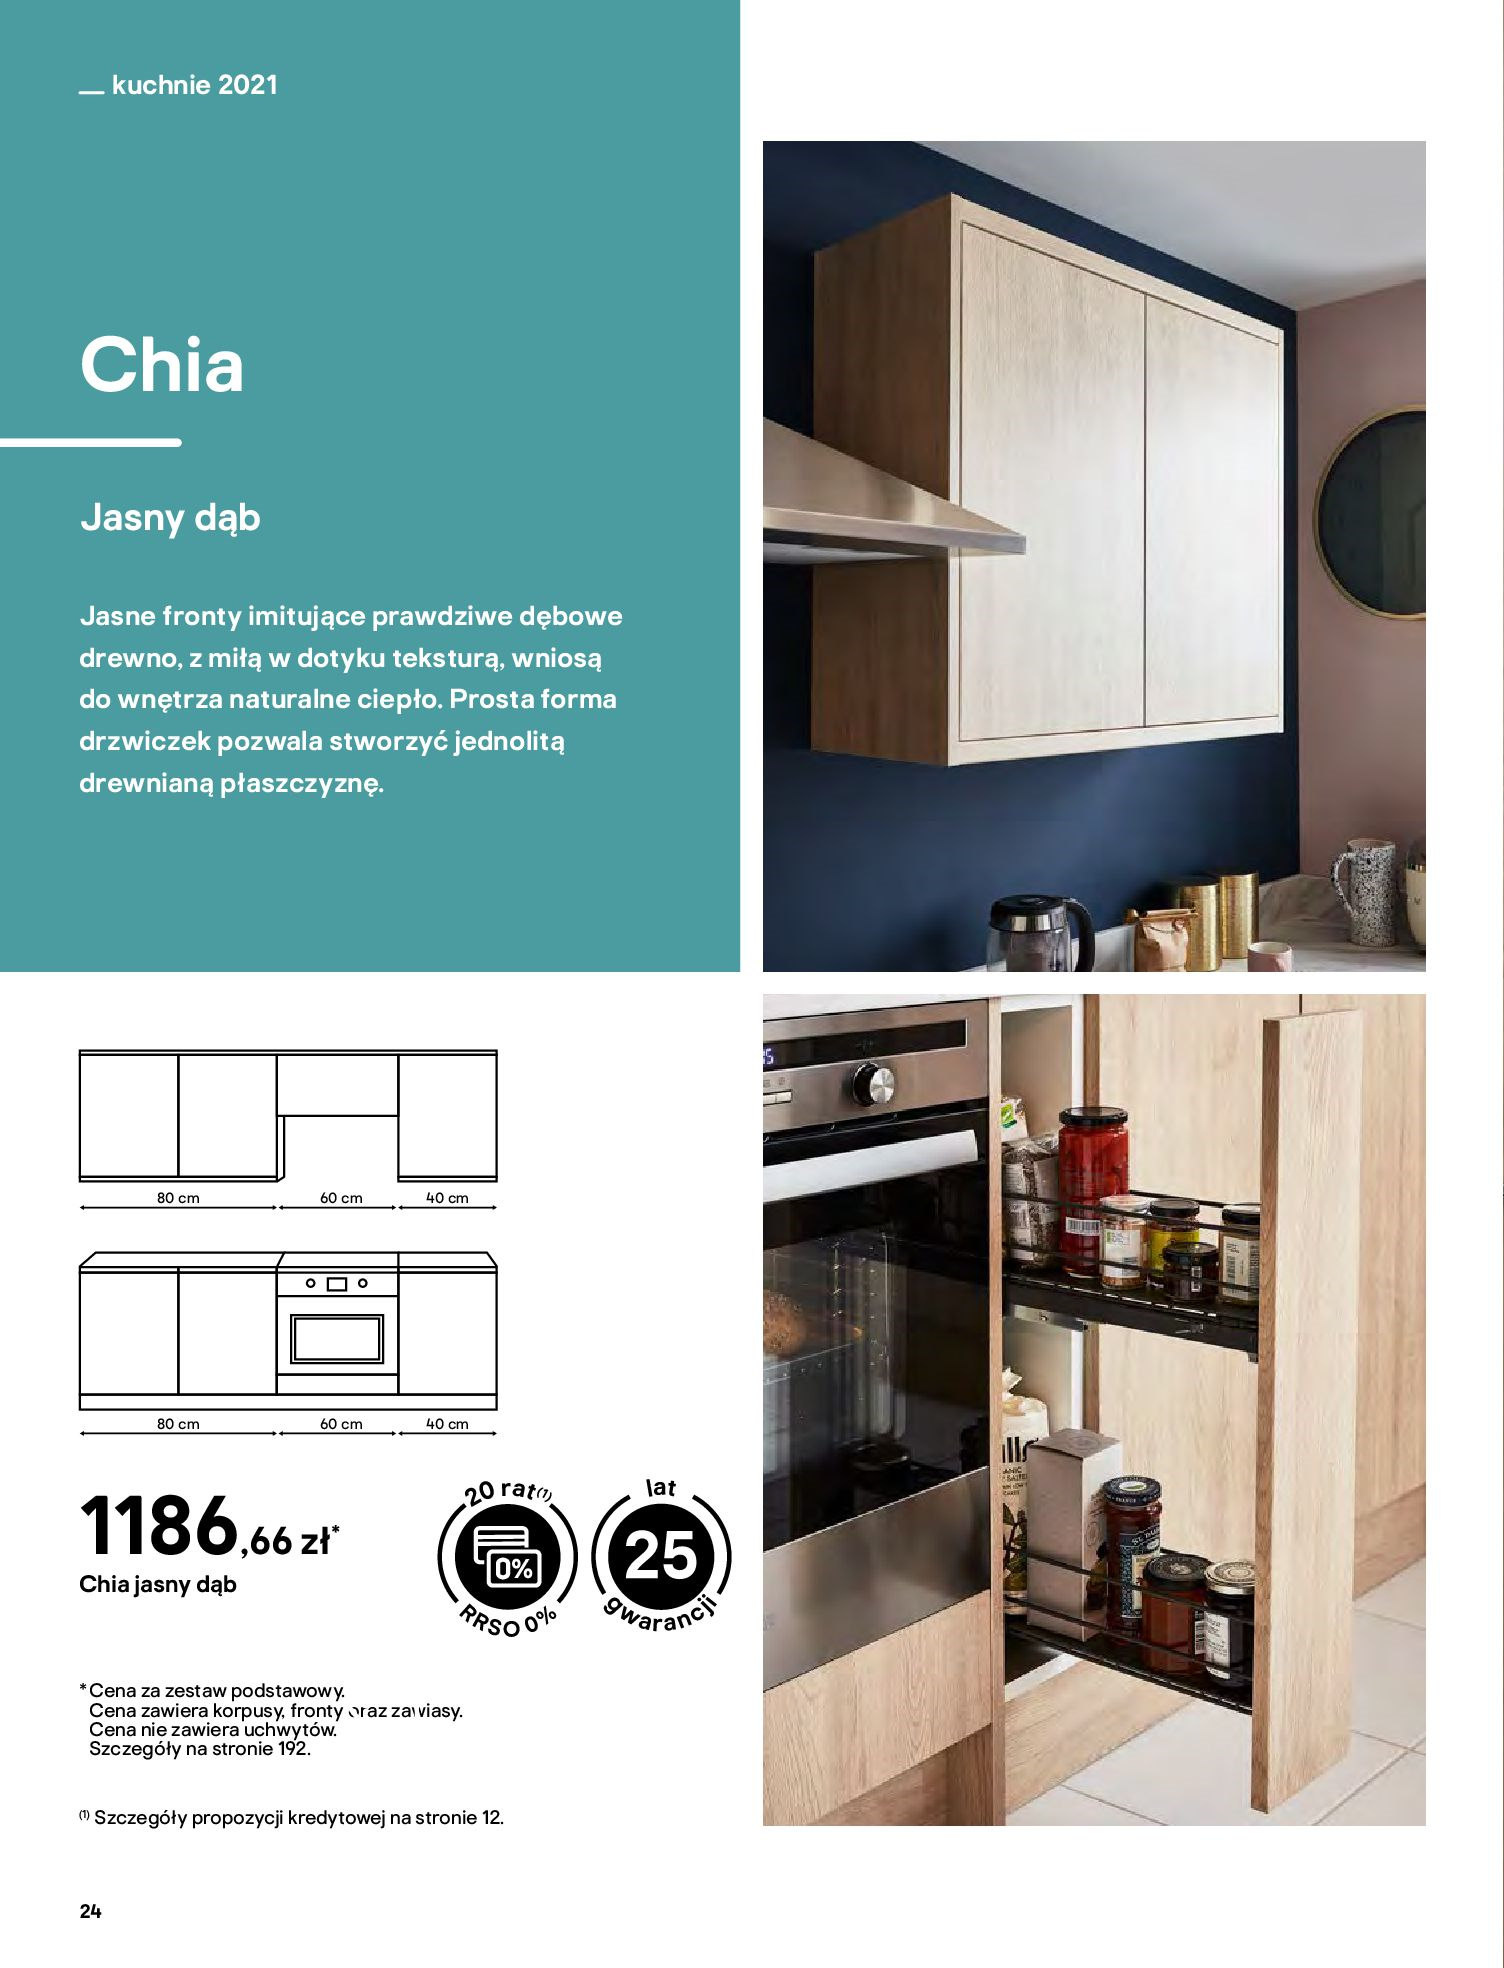 Gazetka Castorama: Katalog kuchnie 2021 2021-05-04 page-24